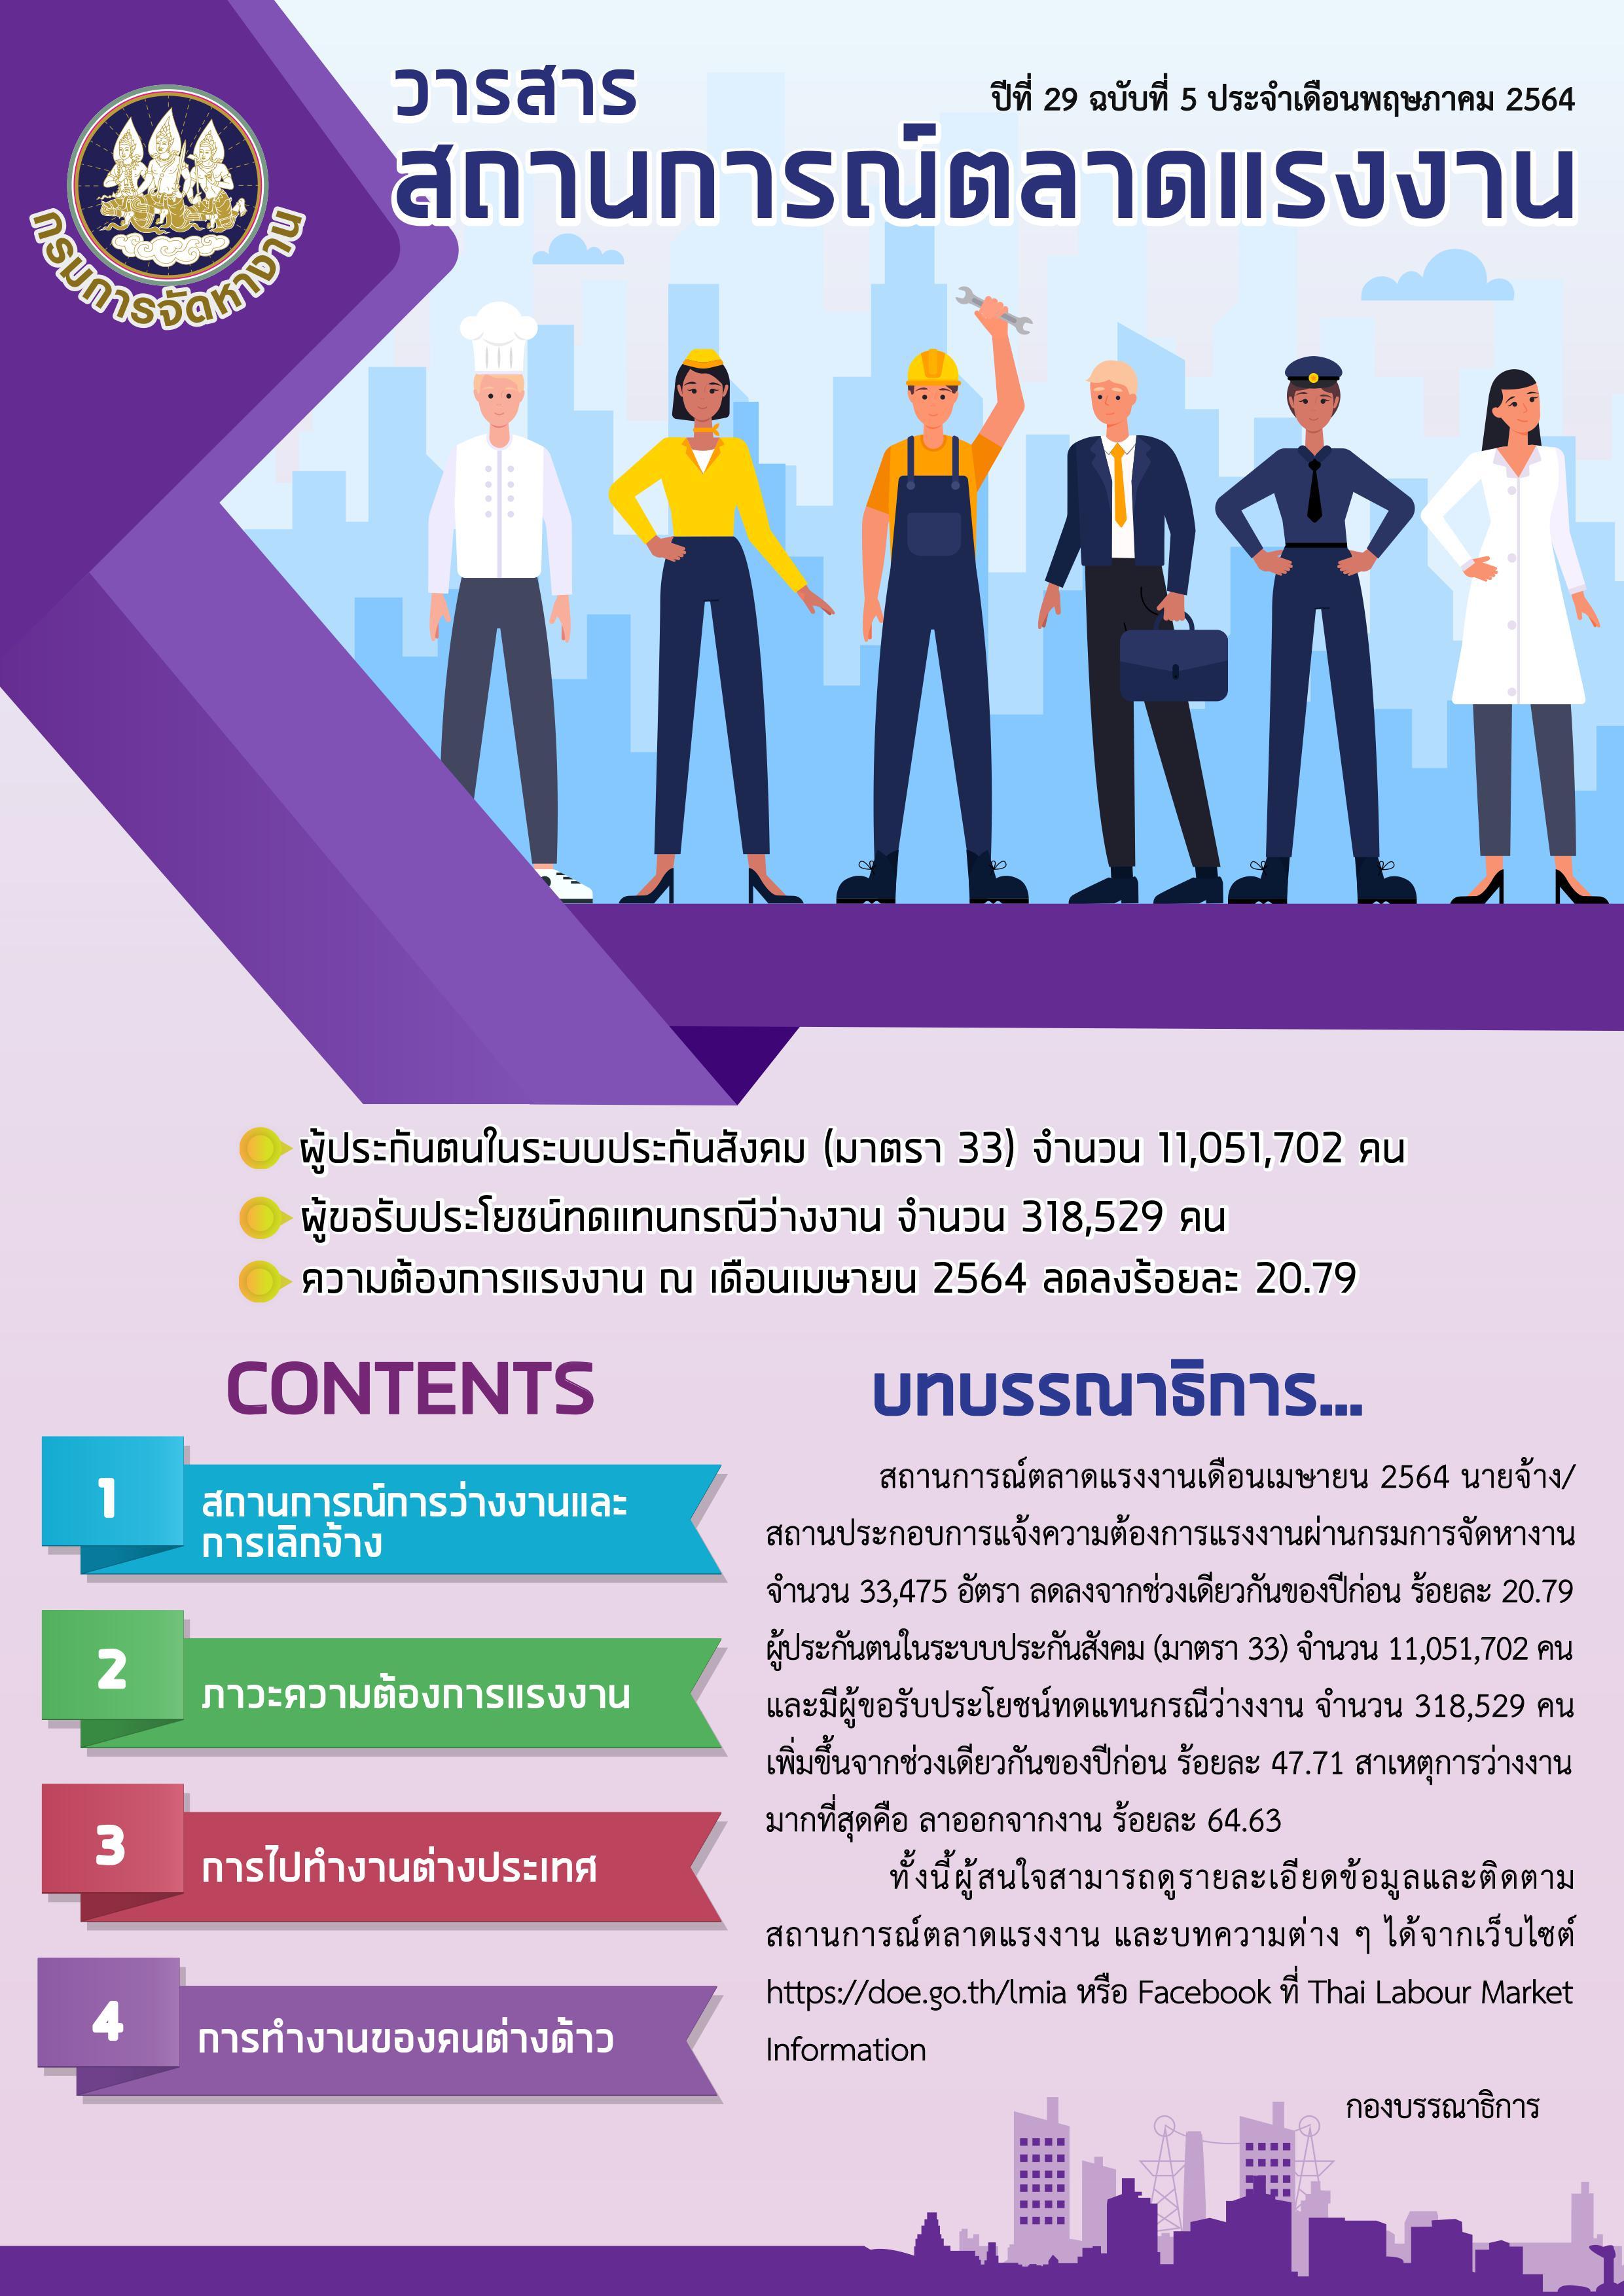 วารสารสถานการณ์ตลาดแรงงานประจำเดือนพฤษภาคม 2564